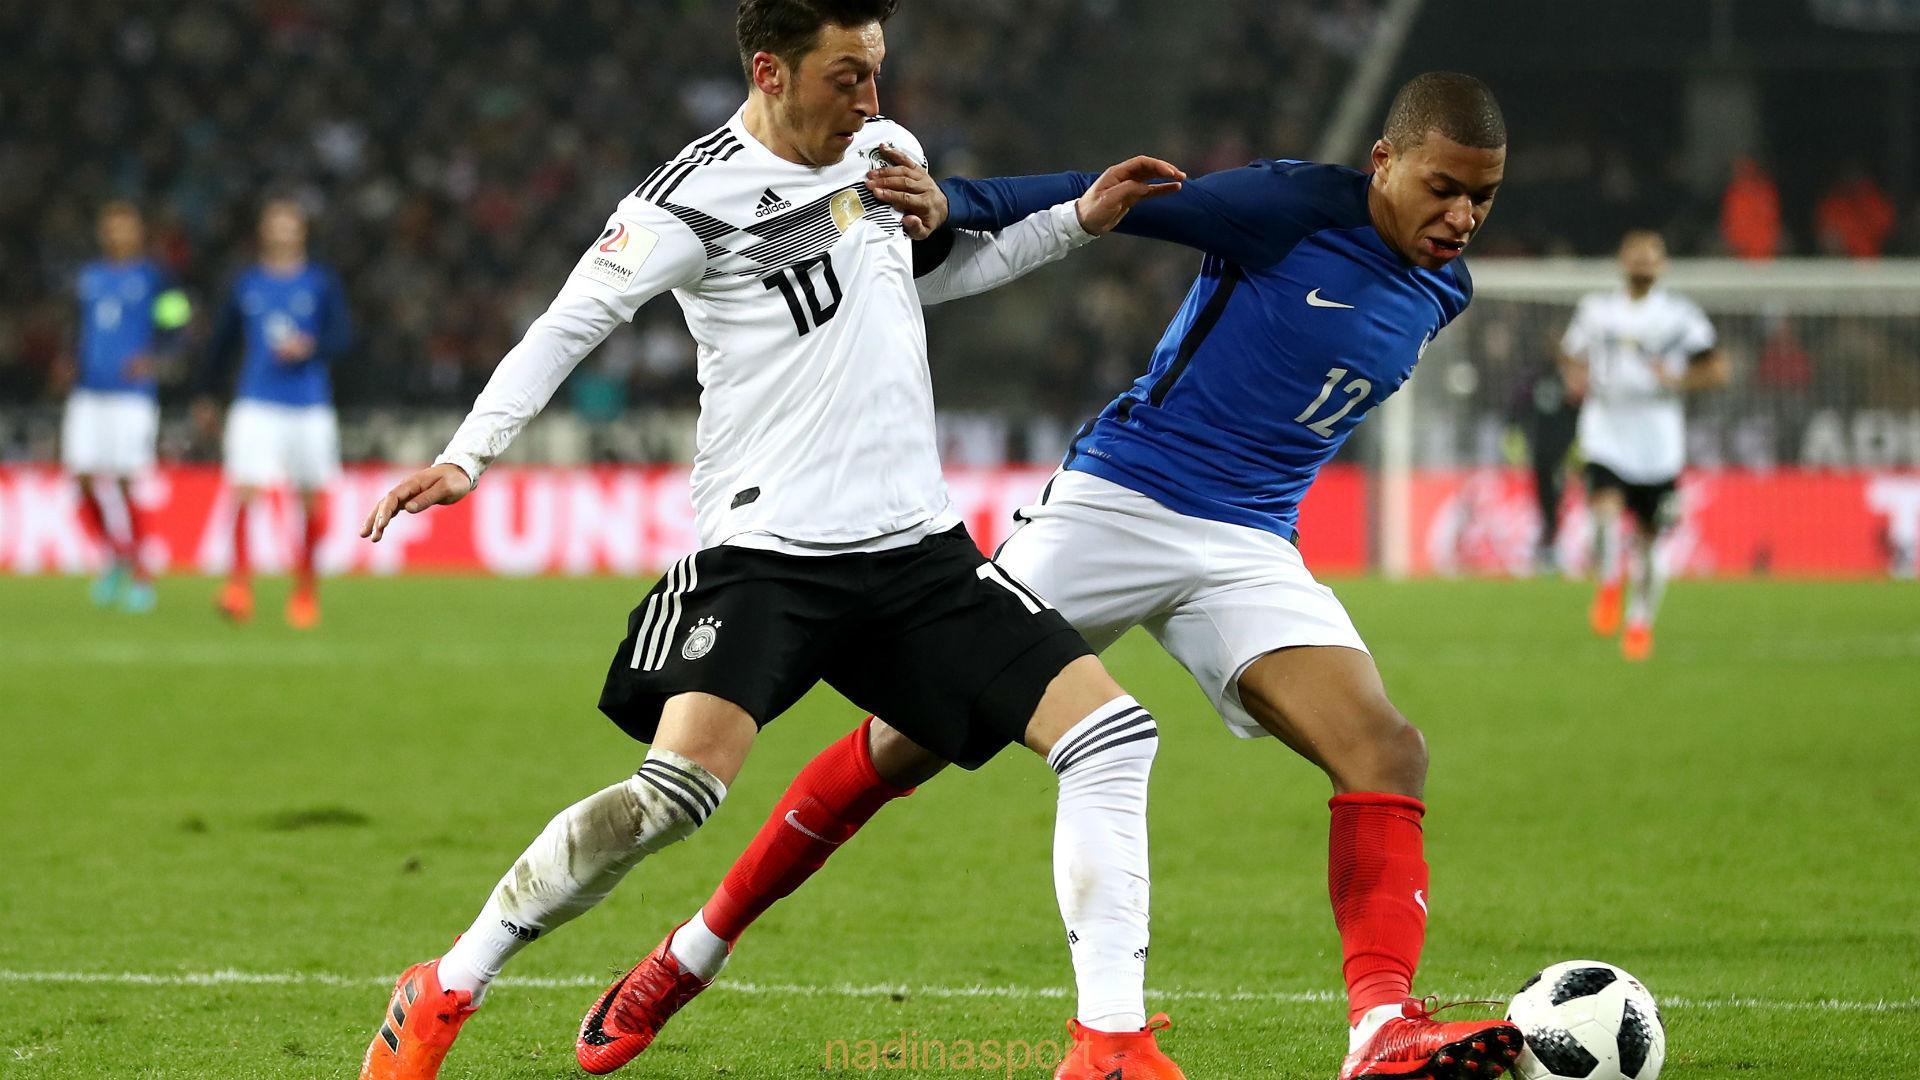 موعد مباريات الجولة الأولى في دوري الأمم الأوروبية 2018-2019